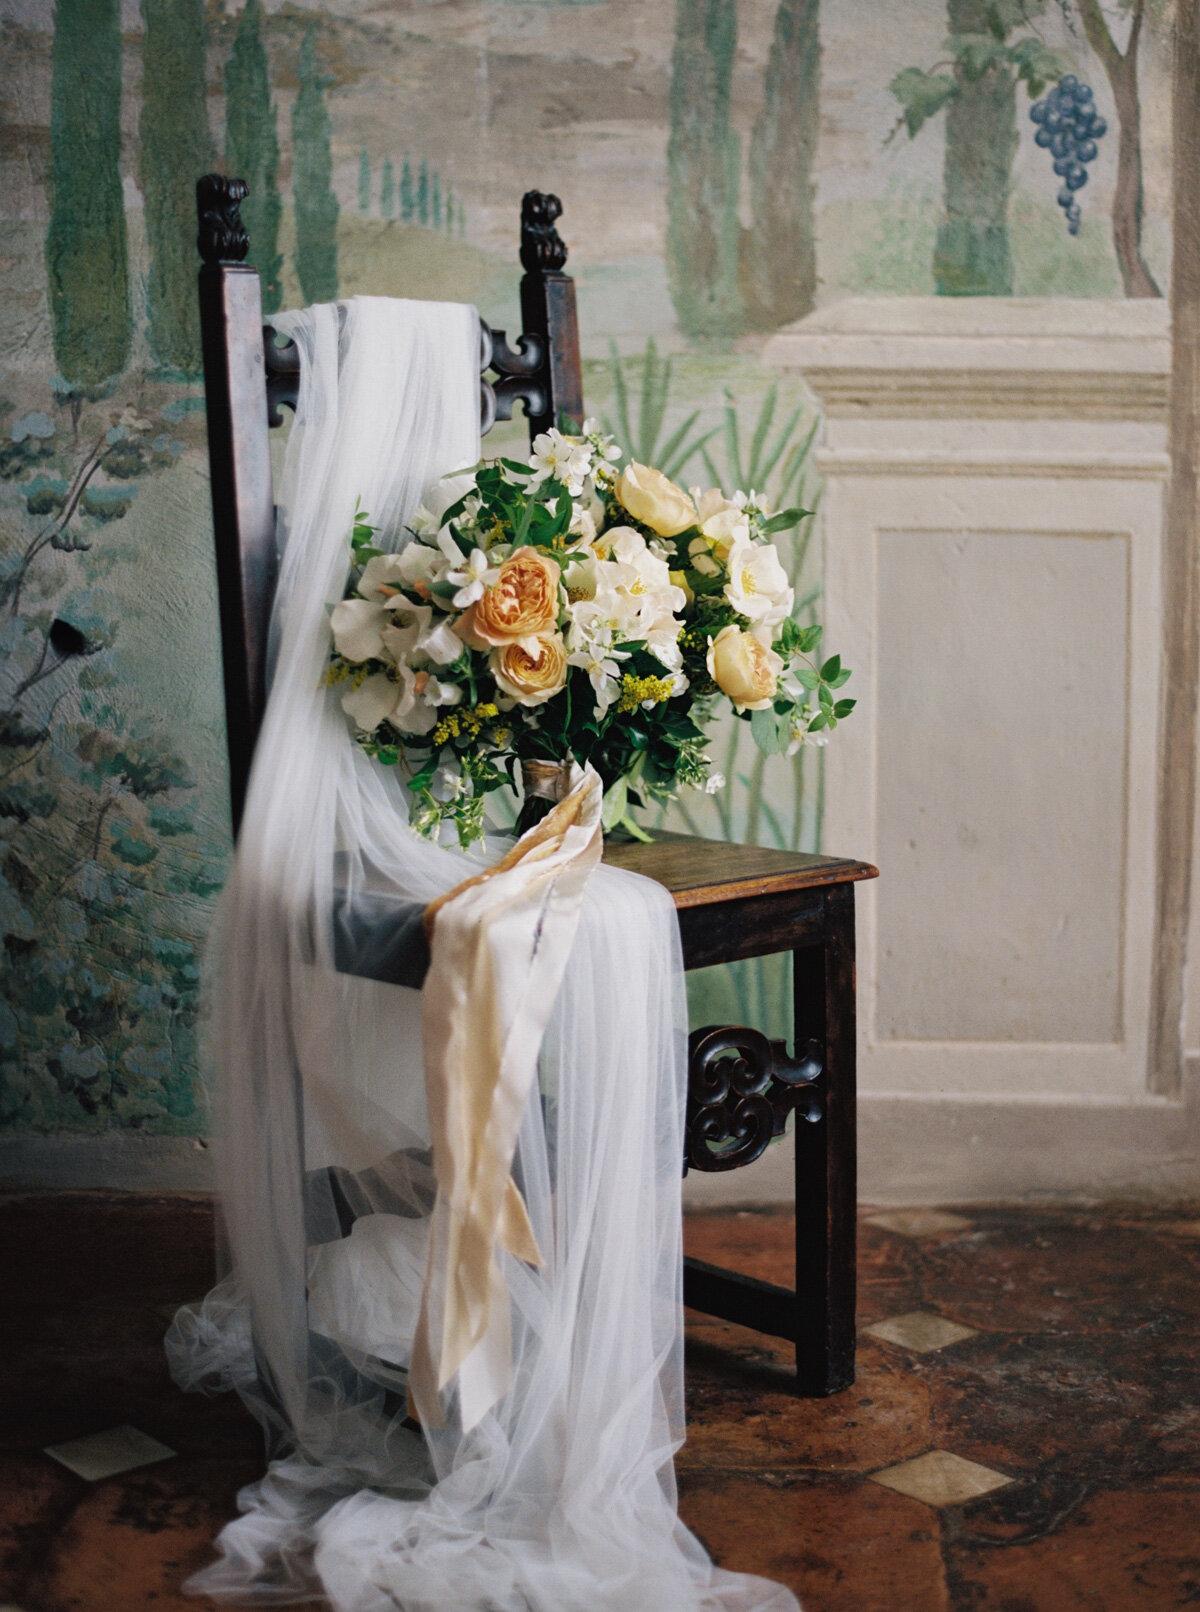 Villa-Cetinale-Tuscany-Katie-Grant-destination-wedding (22 of 115).jpg